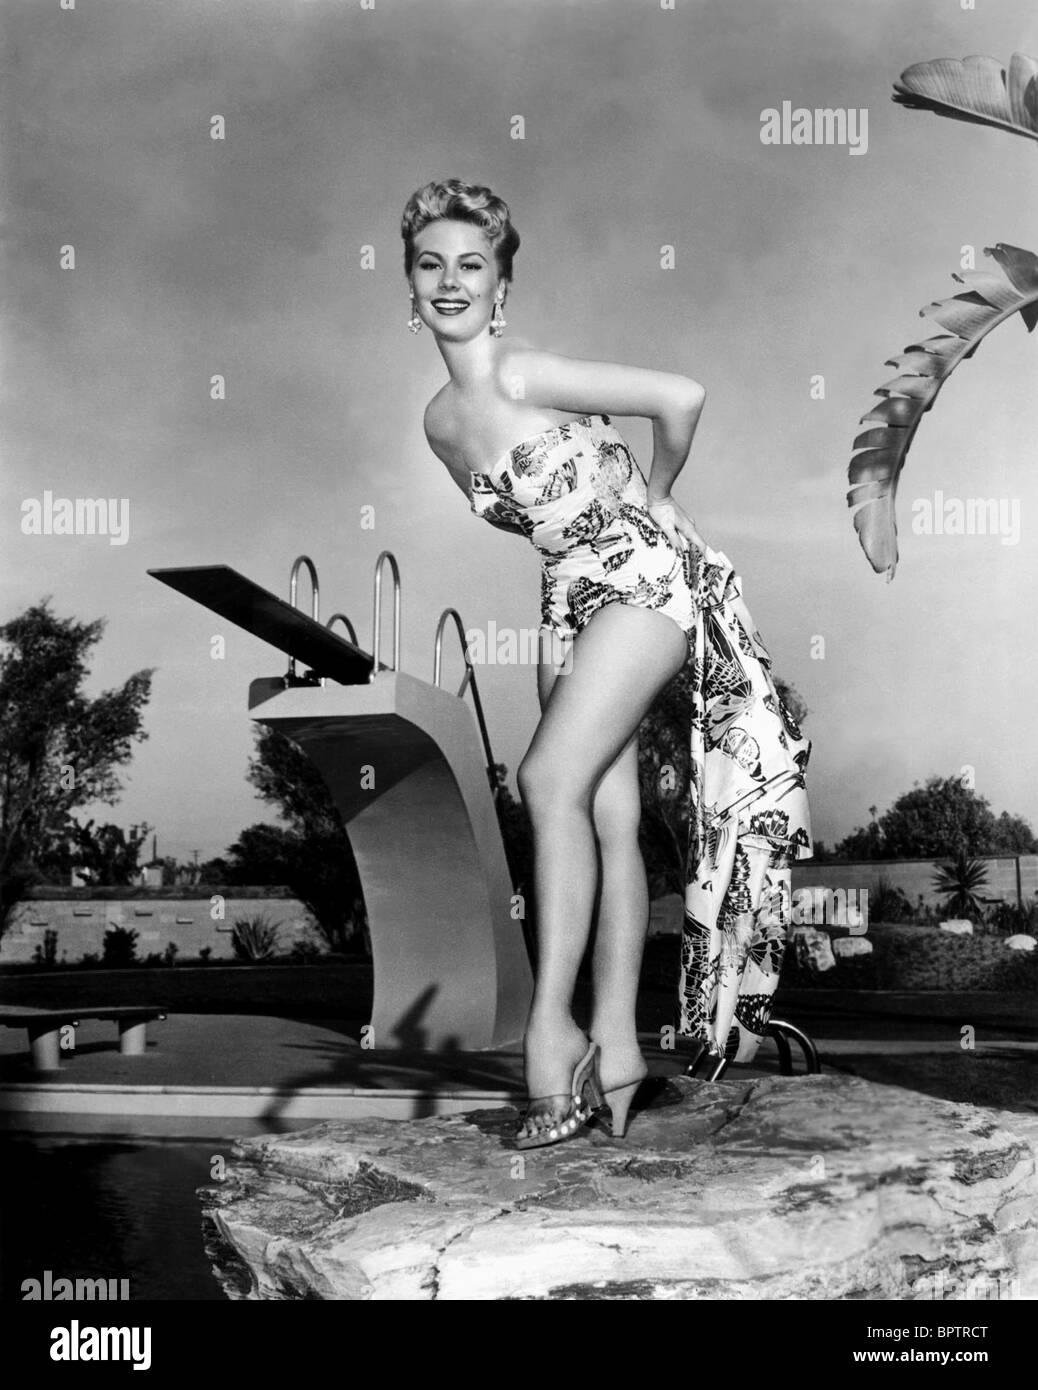 MITZI GAYNOR ACTRESS (1956) - Stock Image